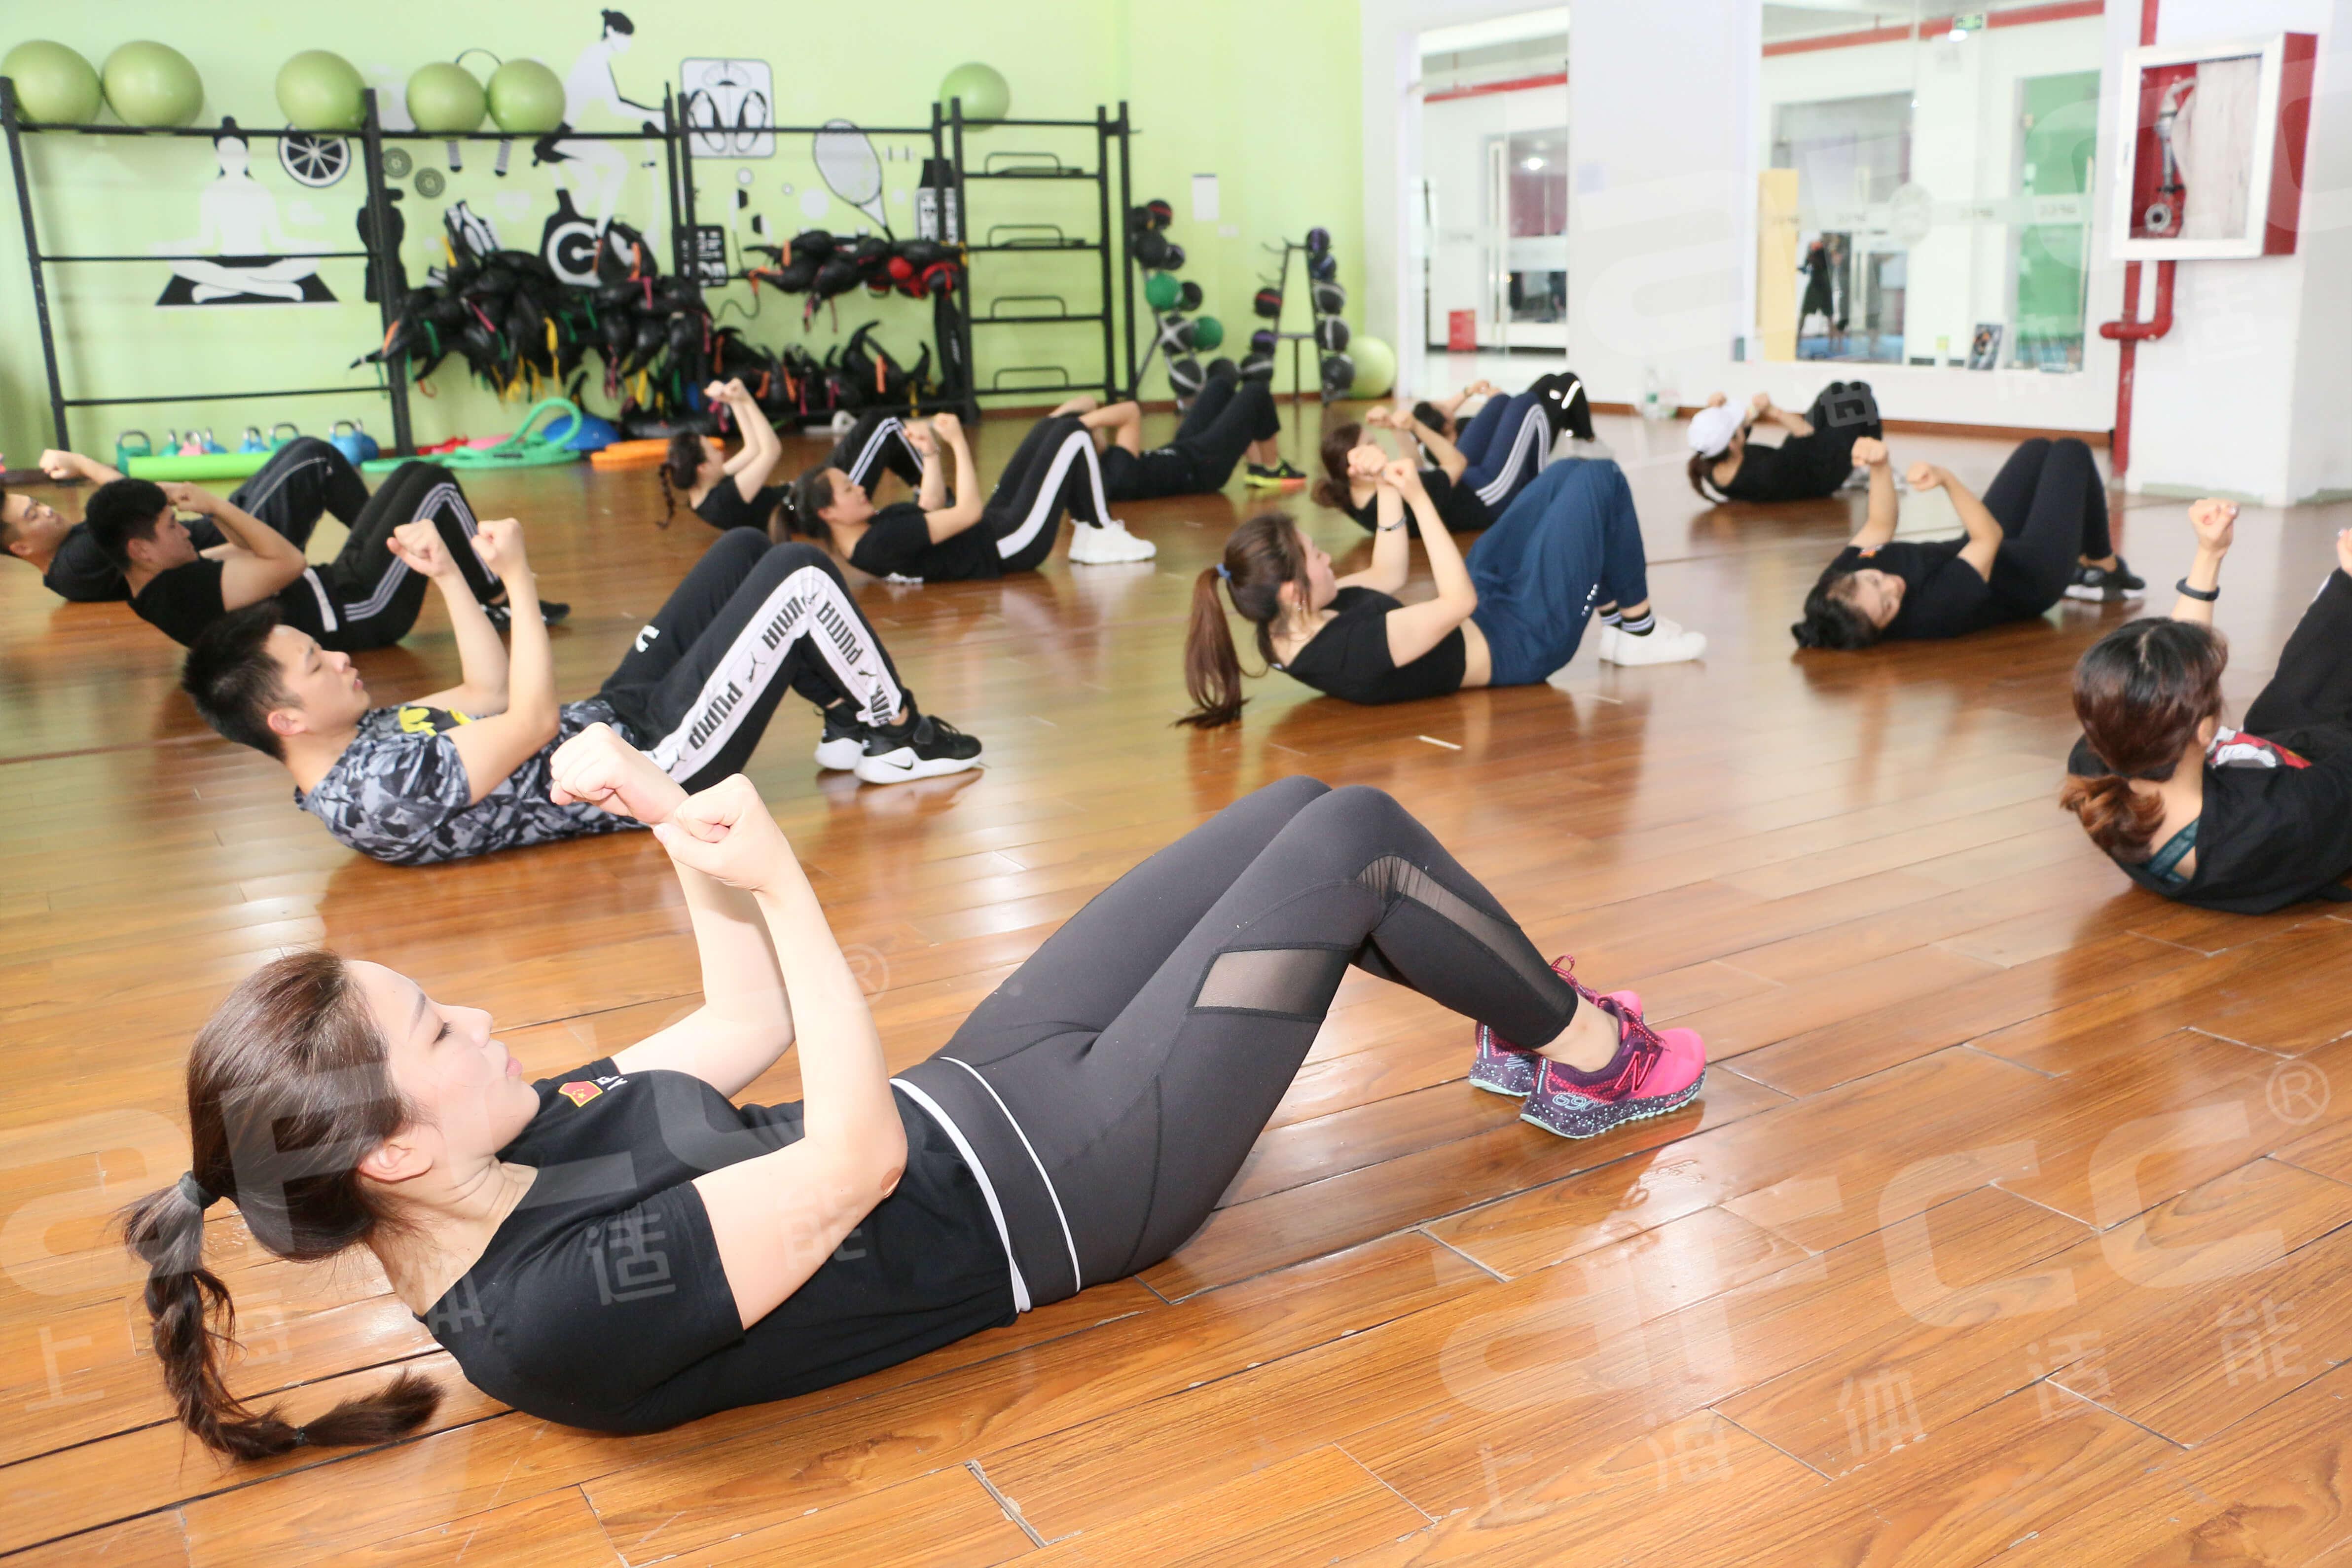 由浅入深,可有效增加私教或团体运动的训练技巧